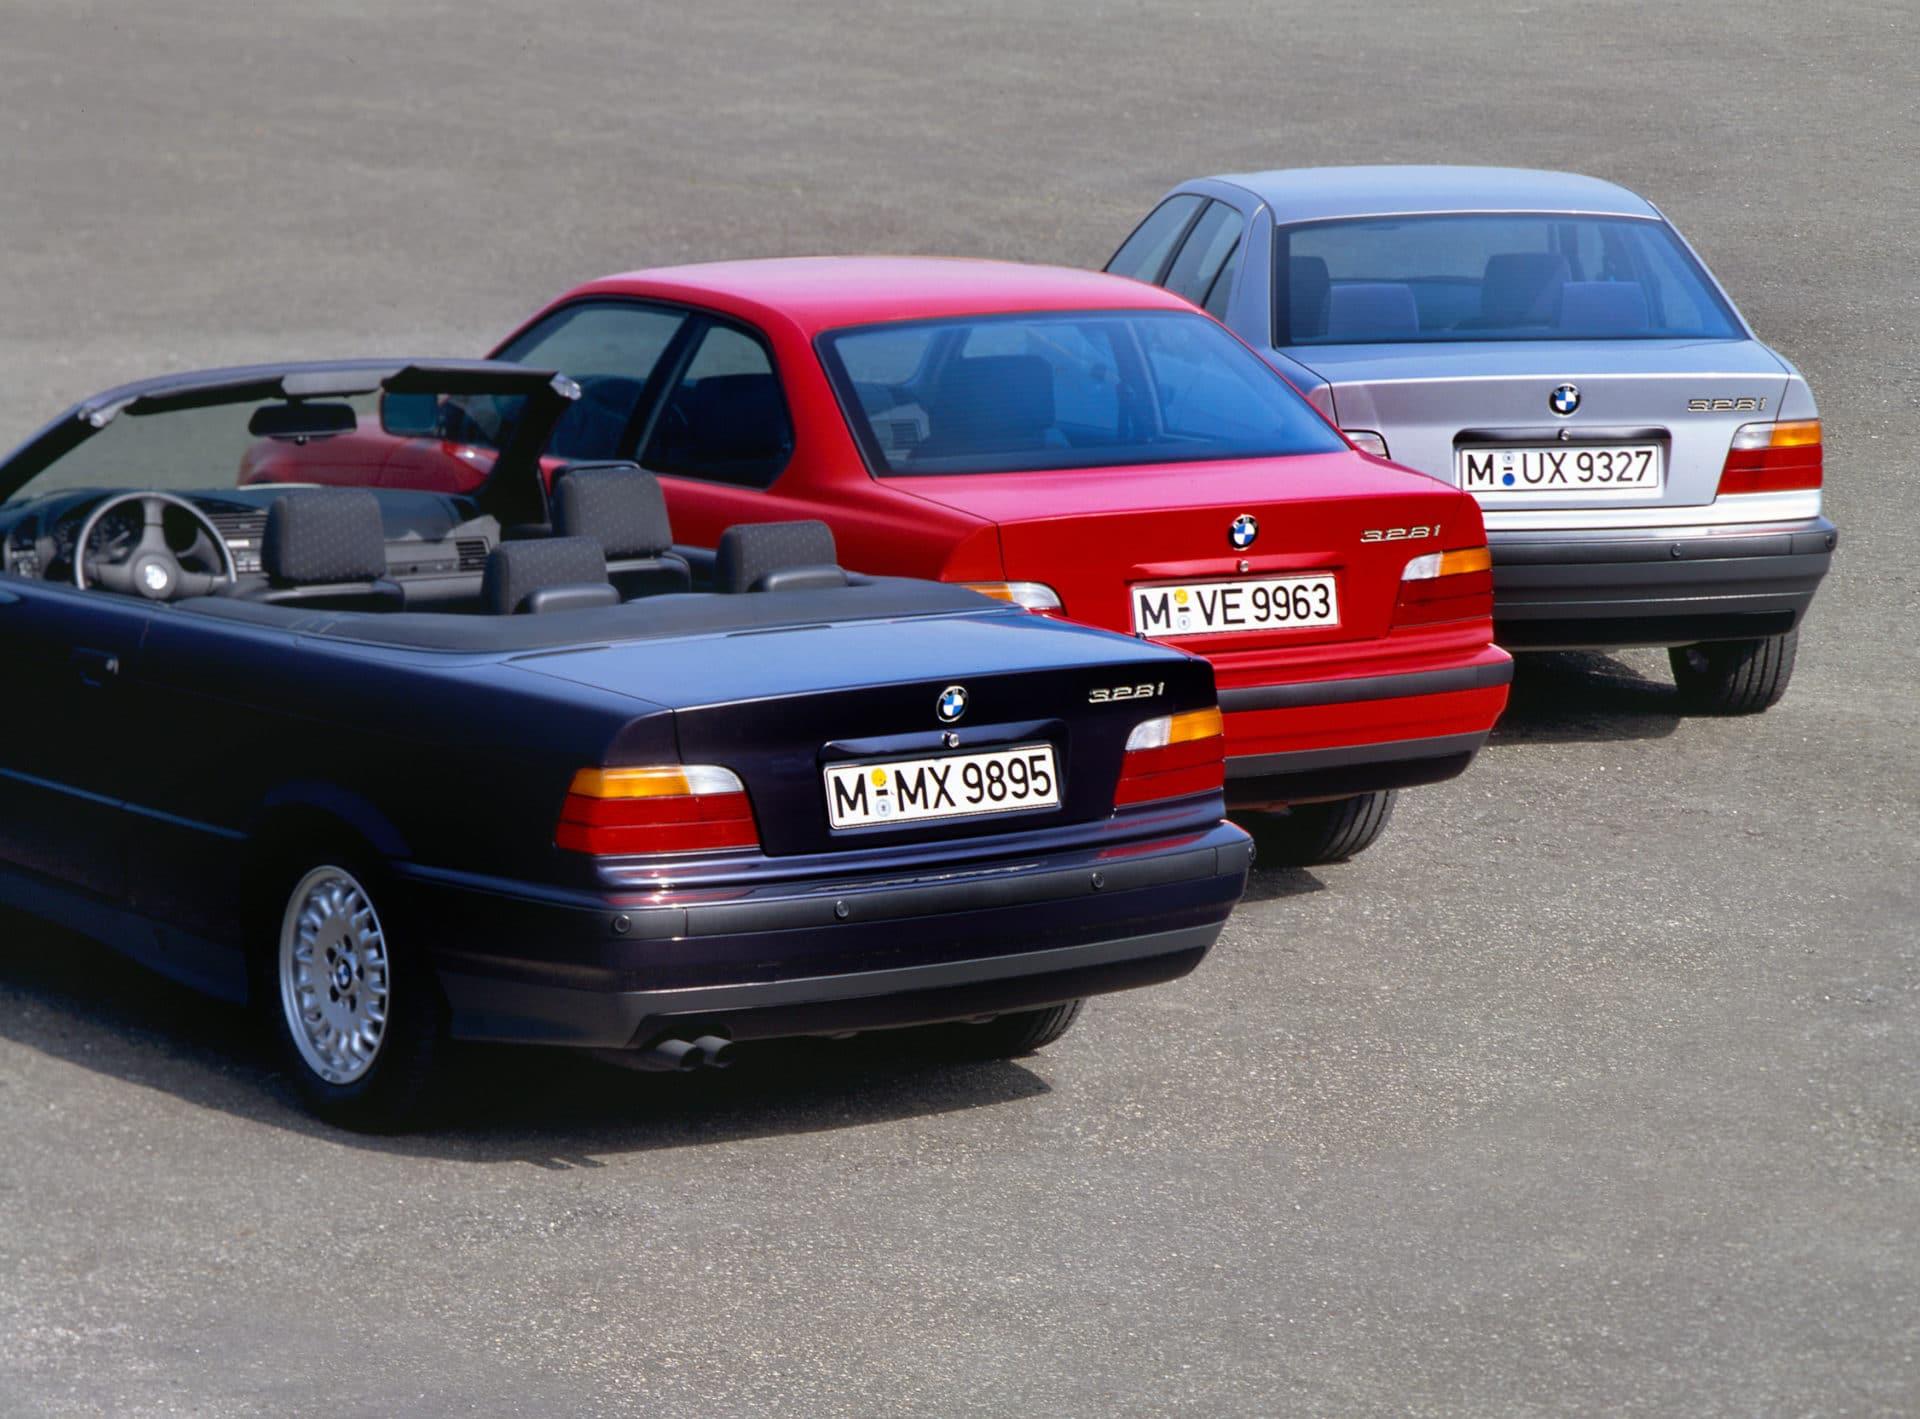 BMW, BMW E36, E36, 3 Series, E36 3 Series, classic car, classic BMW, retro car, retro BMW, motoring, automotive, carandclassic.co.uk, carnadclassic, adrian flux, adrian flux.co.uk, motoring, automotive, not2grand, not2grand.co.uk, cheap car, drift car